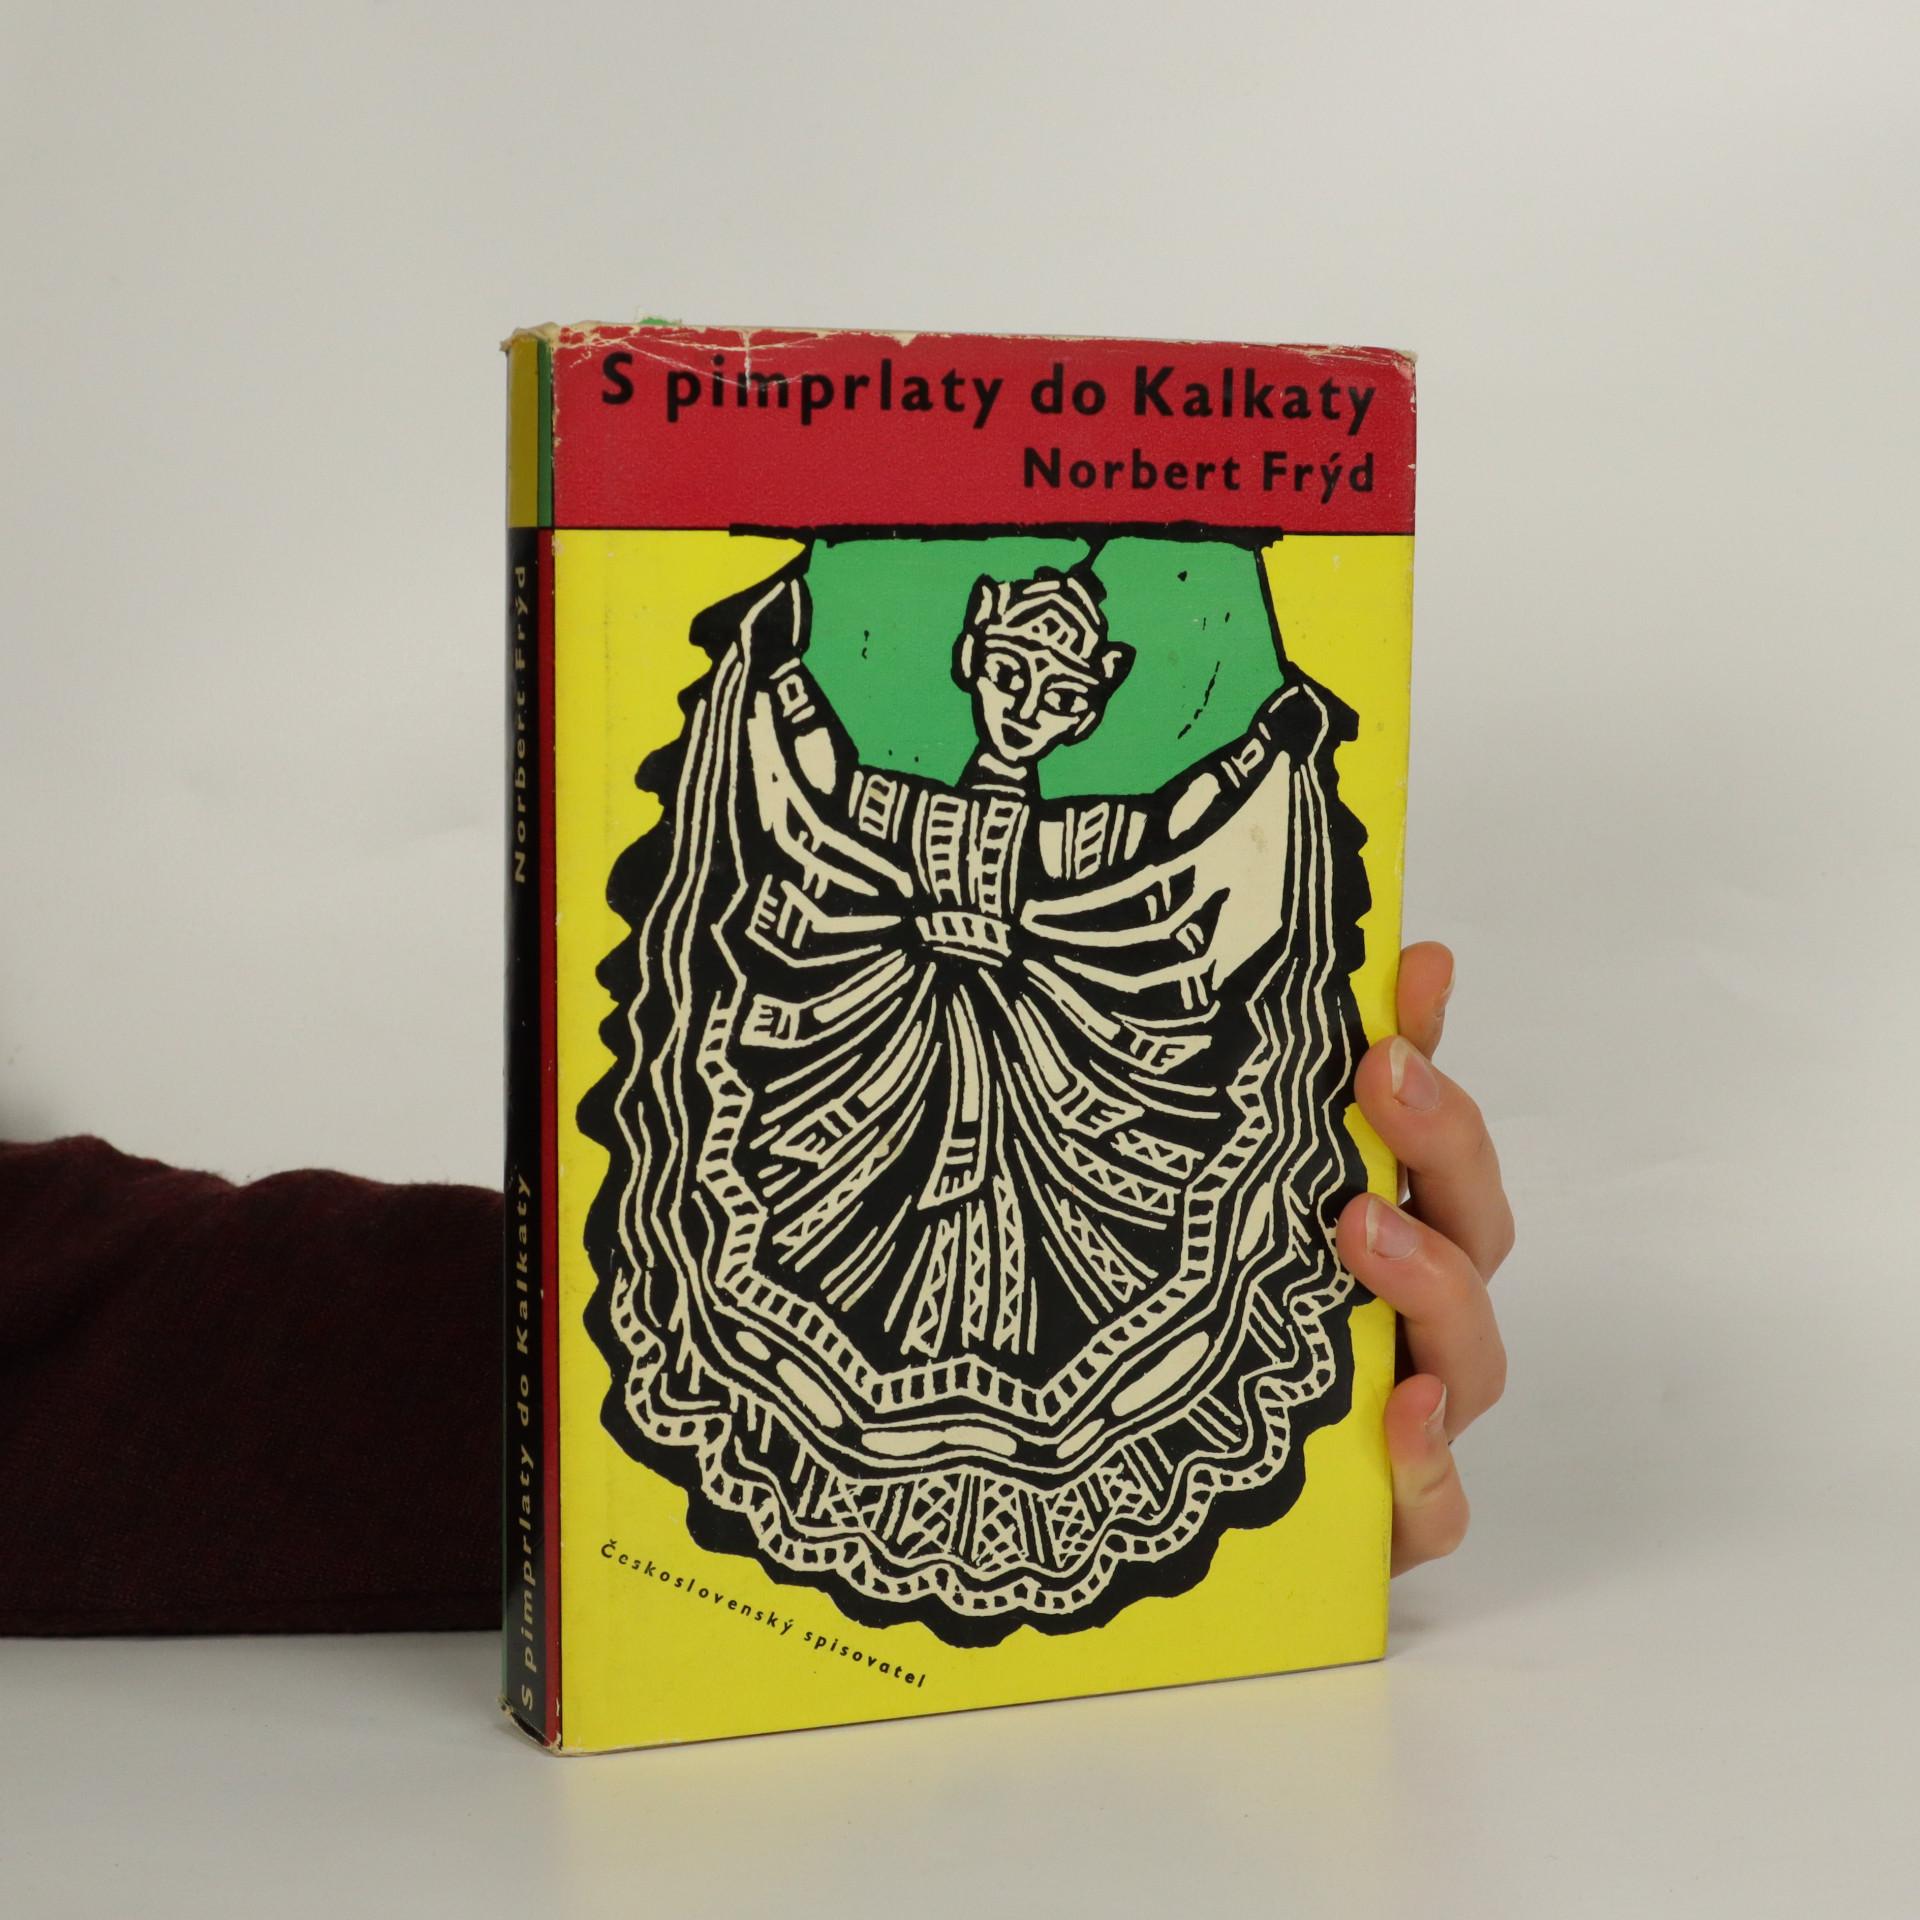 antikvární kniha S pimprlaty do Kalkaty, 1960